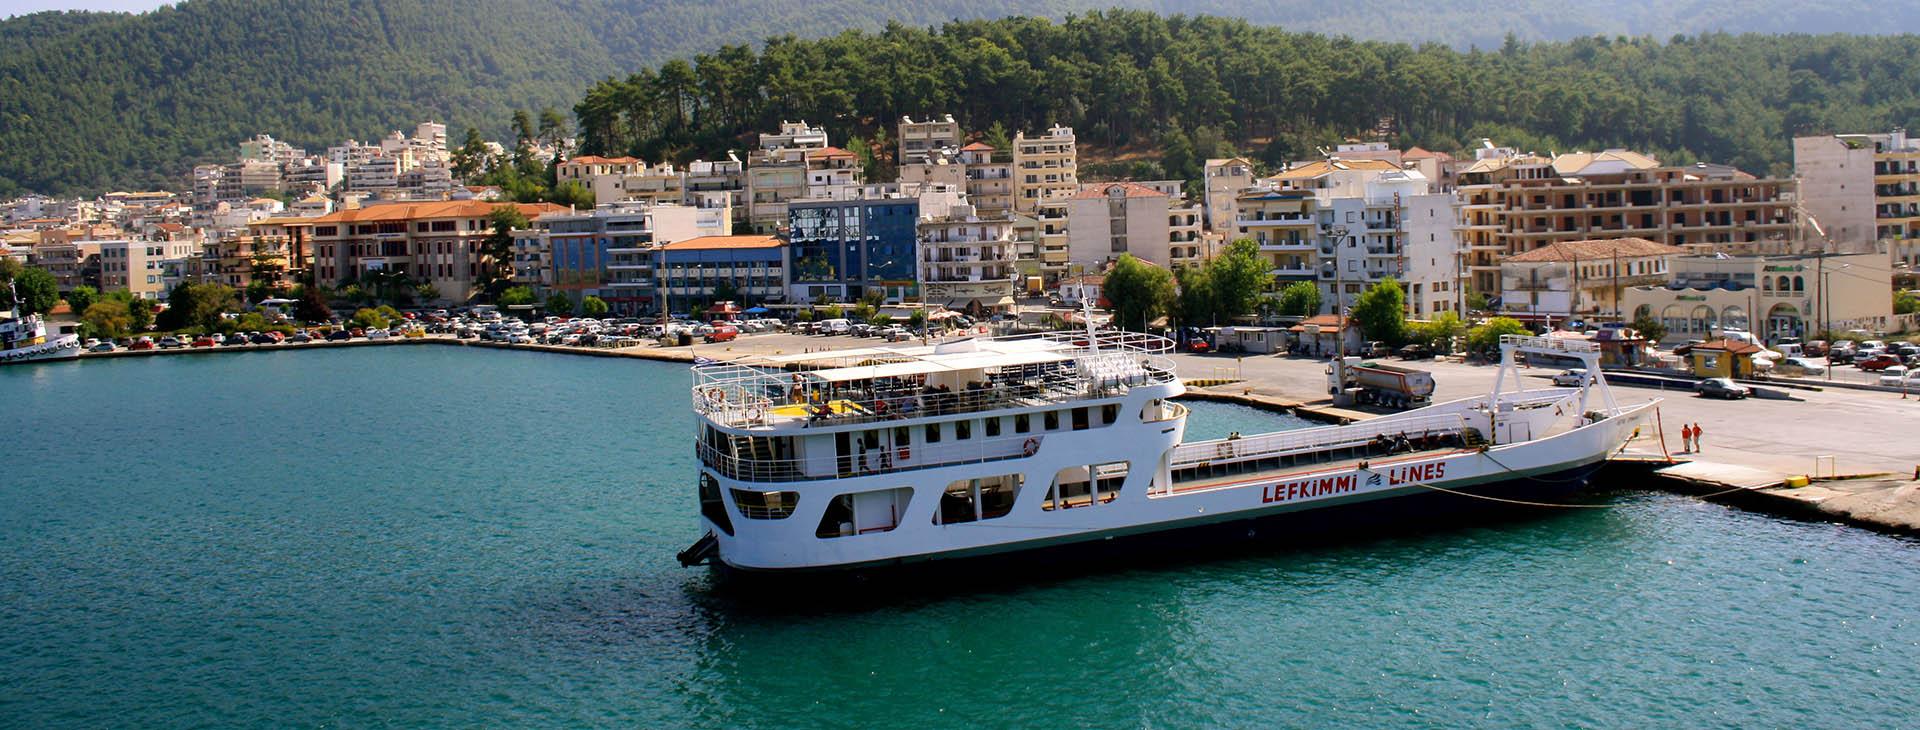 Igoumenitsa port, Thesprotia